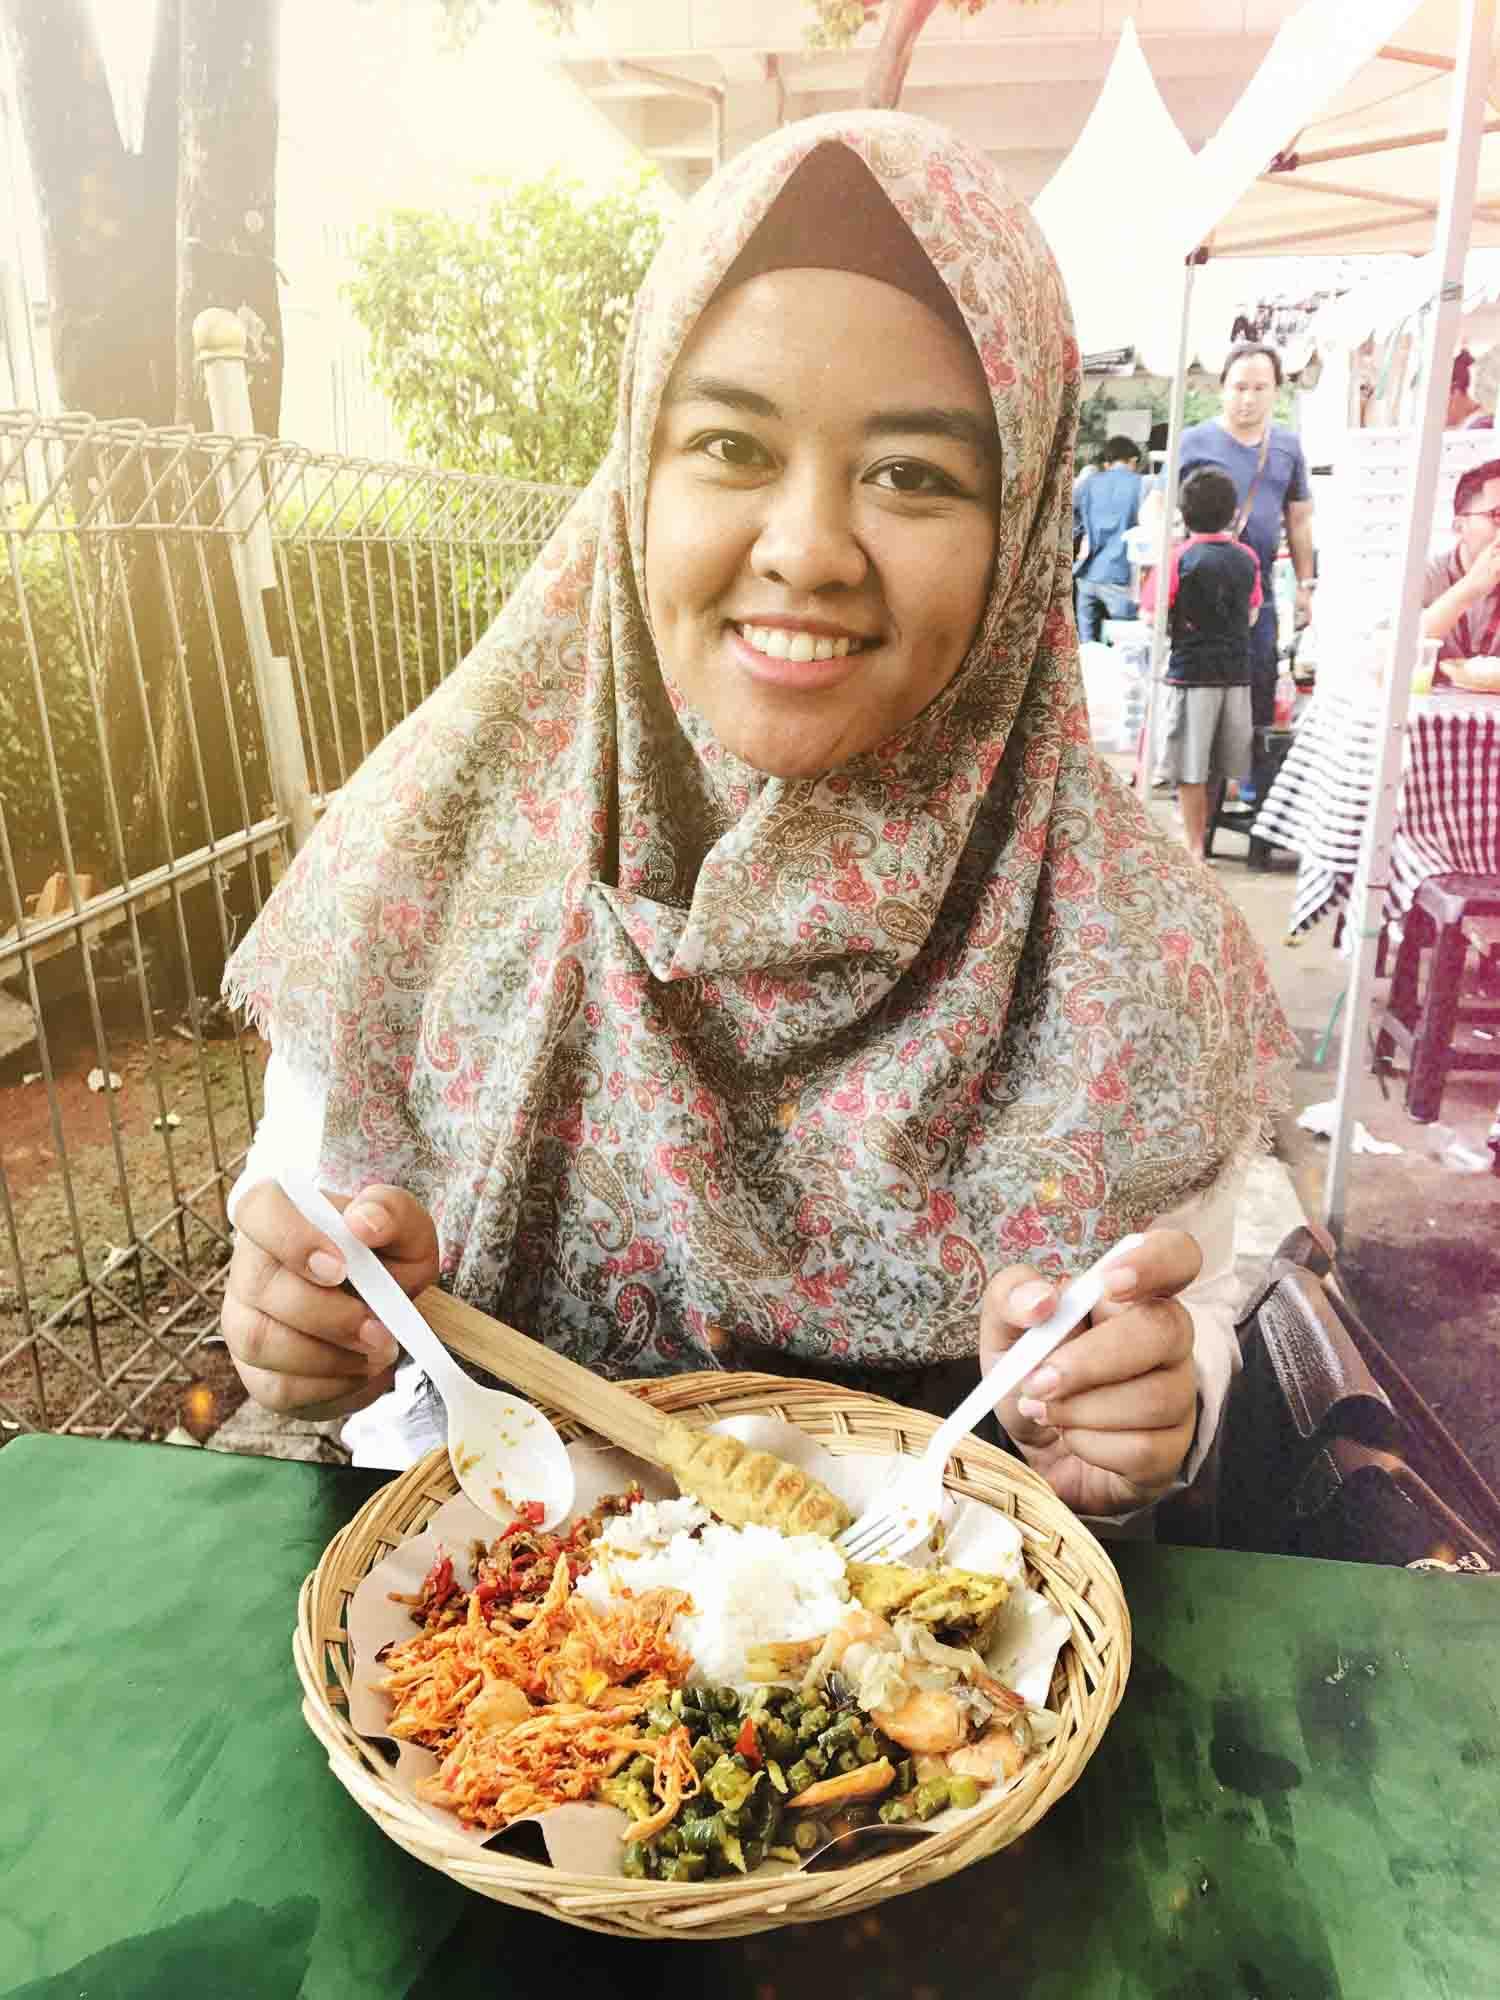 Makan siang nasi bali Inacraft 2017